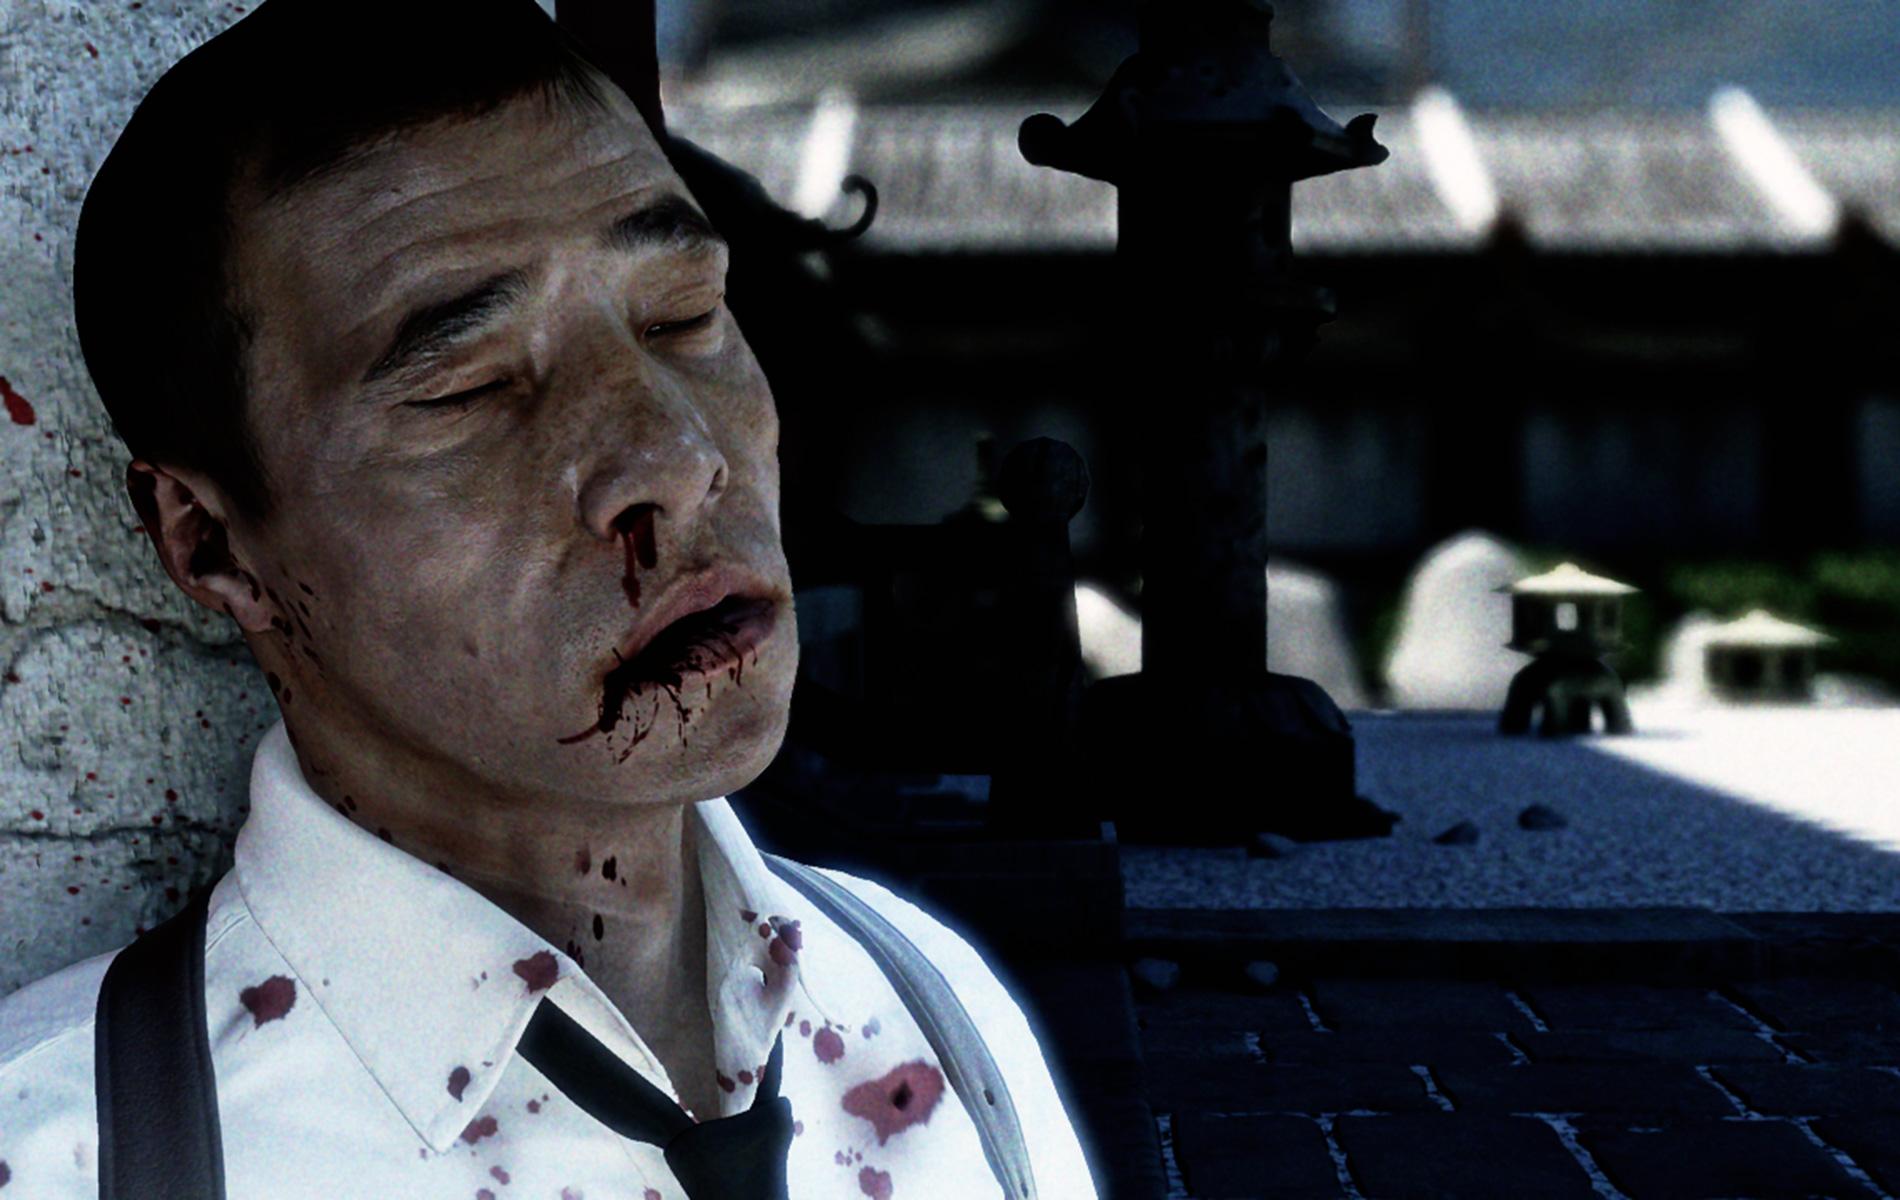 dead-yakuza-1900-1200